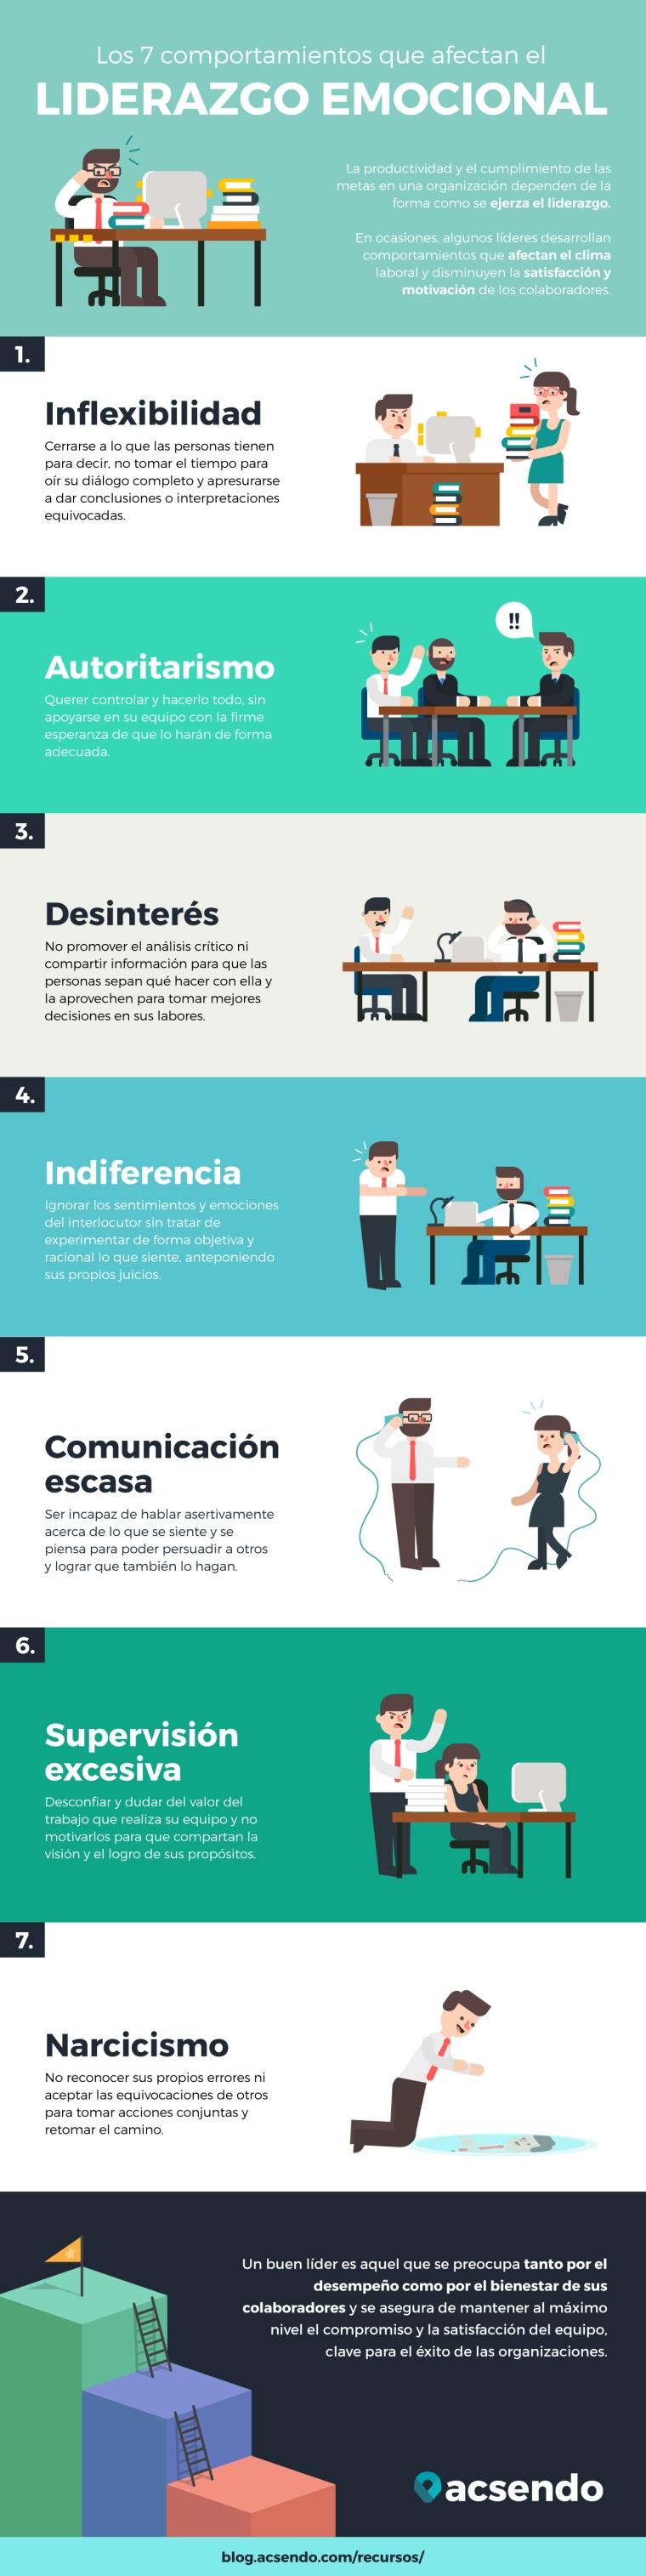 Infografía-Liderazgo-1.jpg